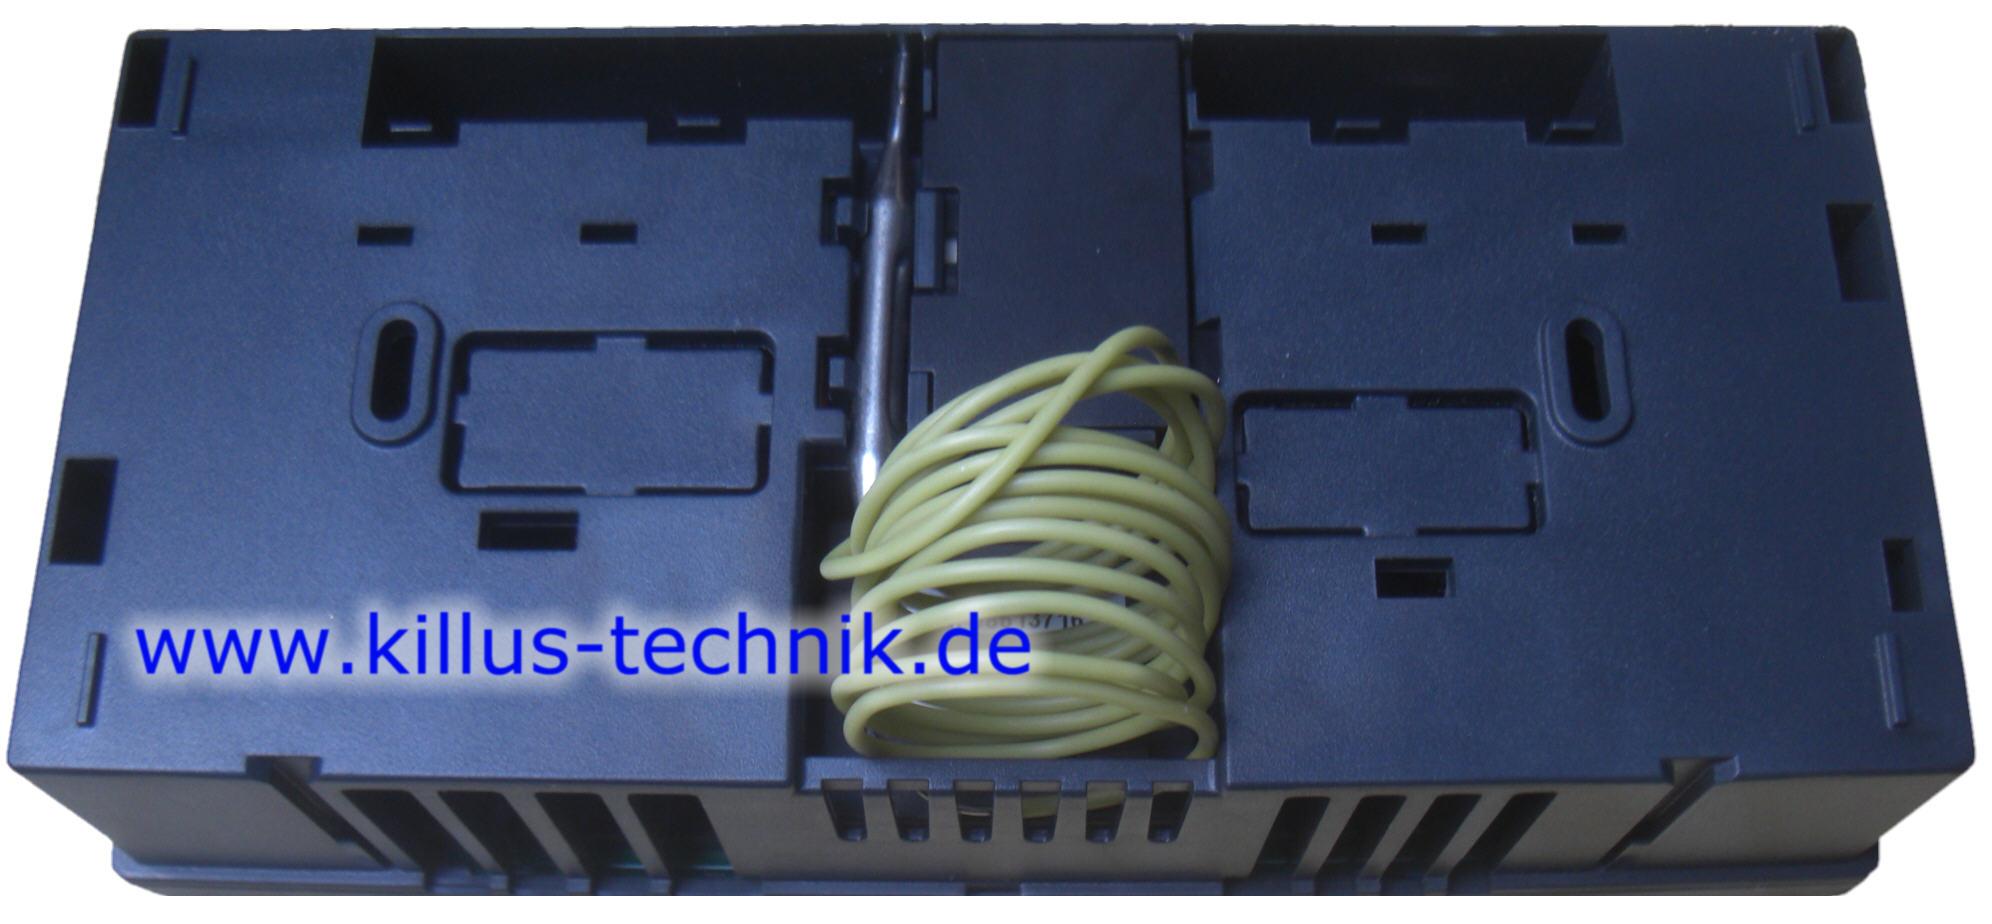 KSF-Pro Unterseite mit STB Sicherheitstemperaturbegrenzer Kapillarfühler Steuerung Ölkessel Killus-Technik.de